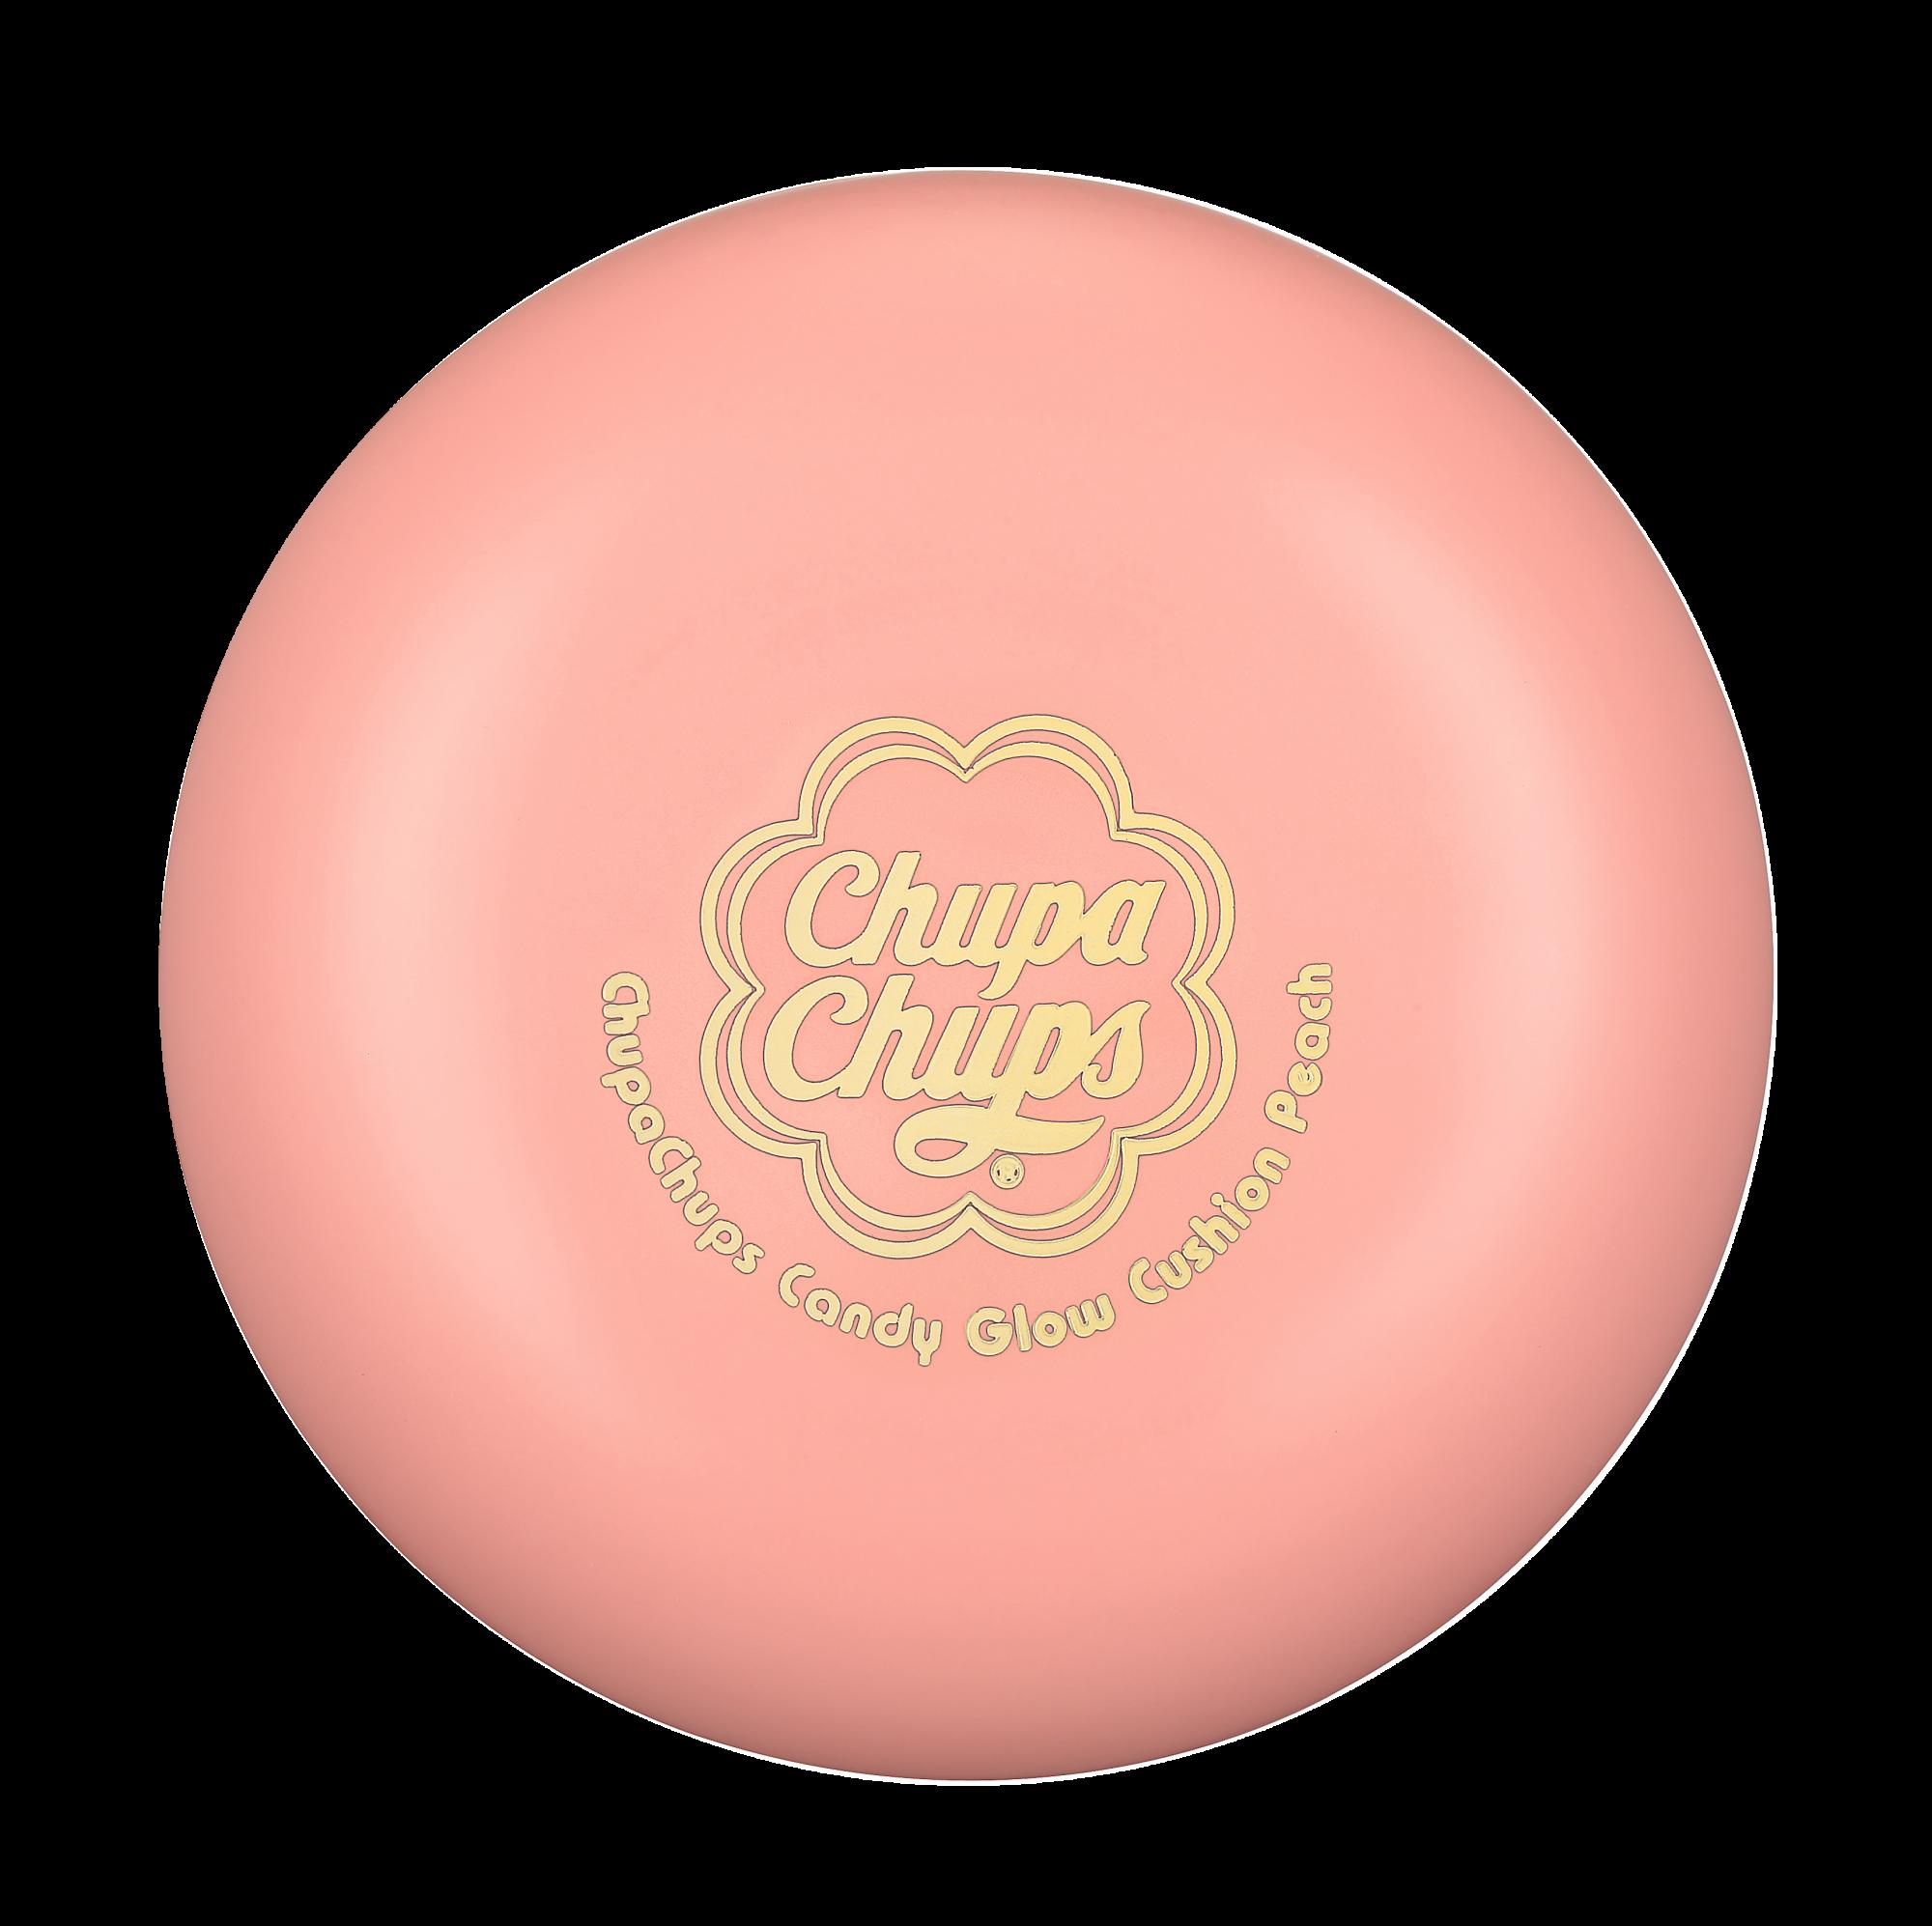 Chupa Chups Candy Glow Тональная основа-кушон в оттенке